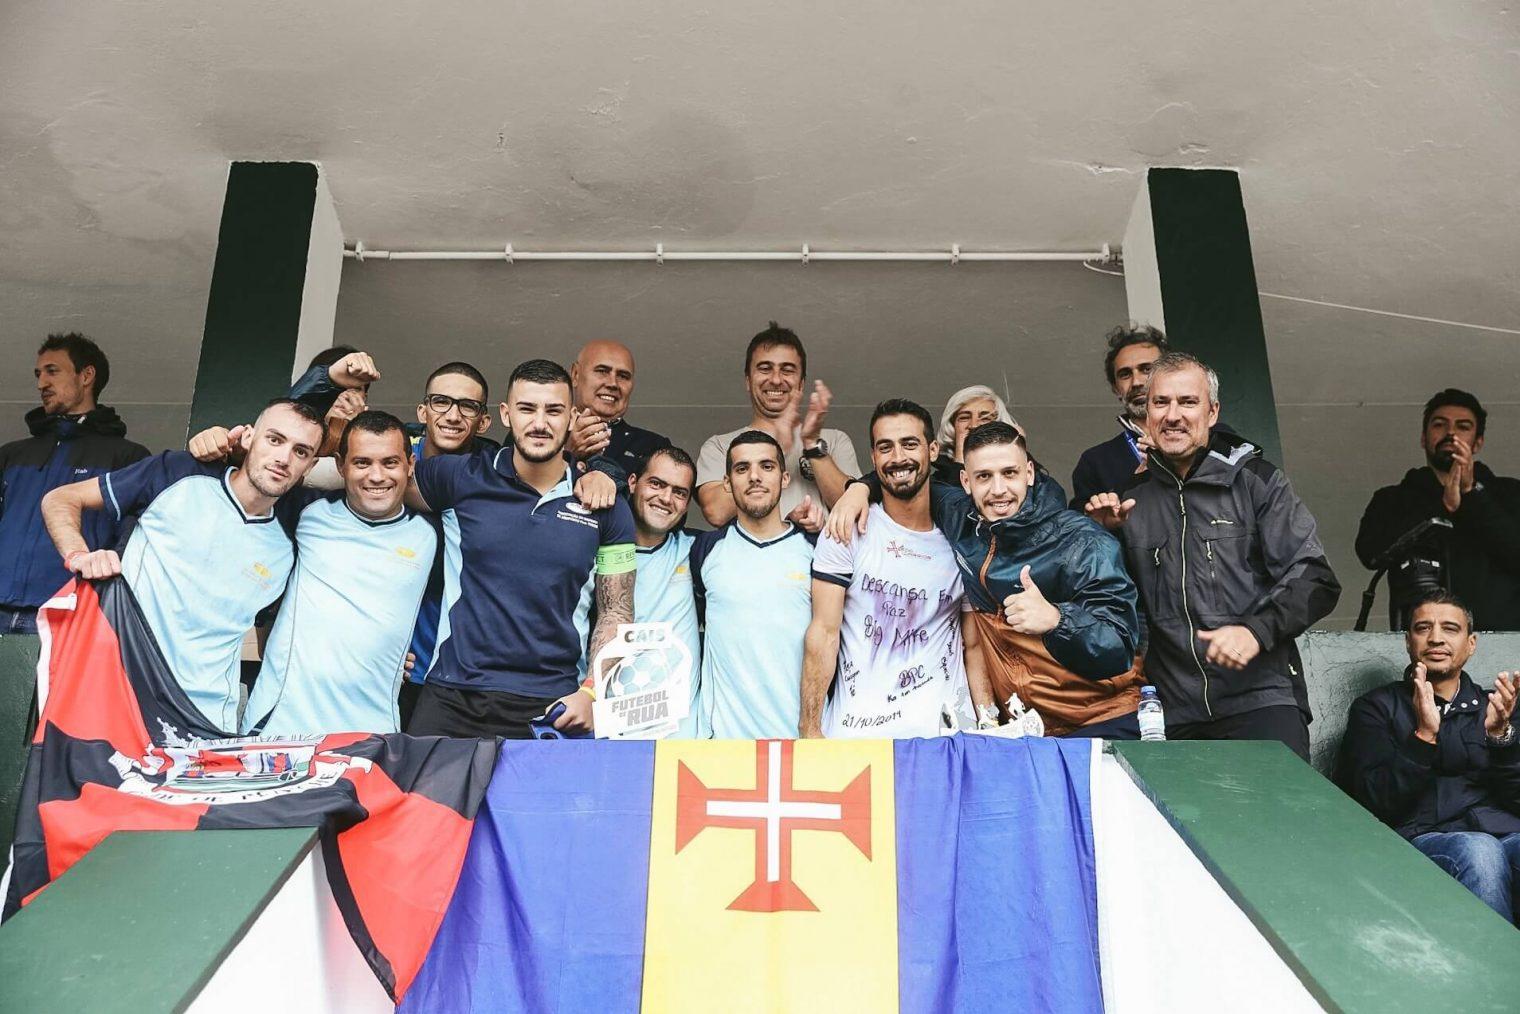 Madeira vence Final do Torneio de Futebol de Rua